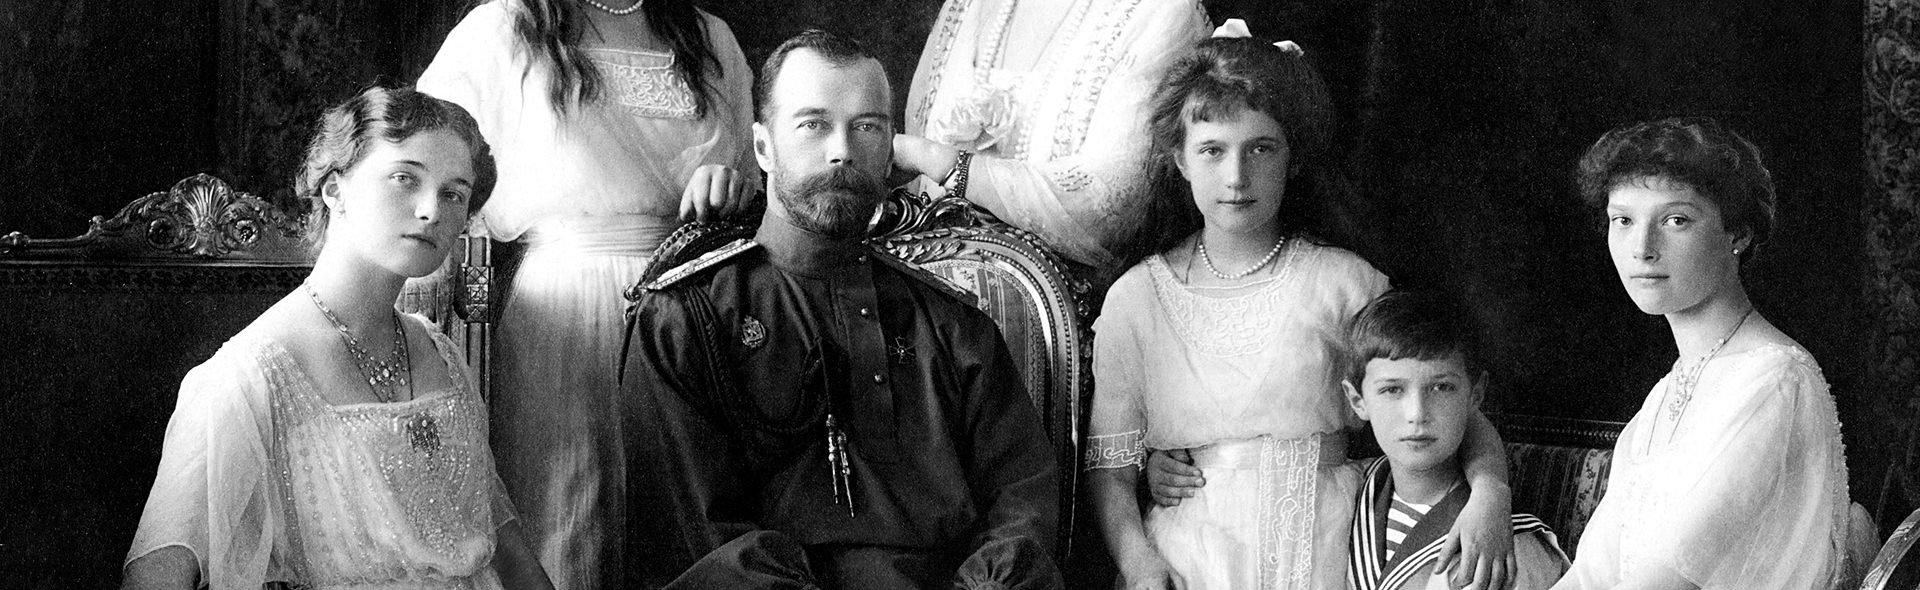 The Romanovs Royal Family